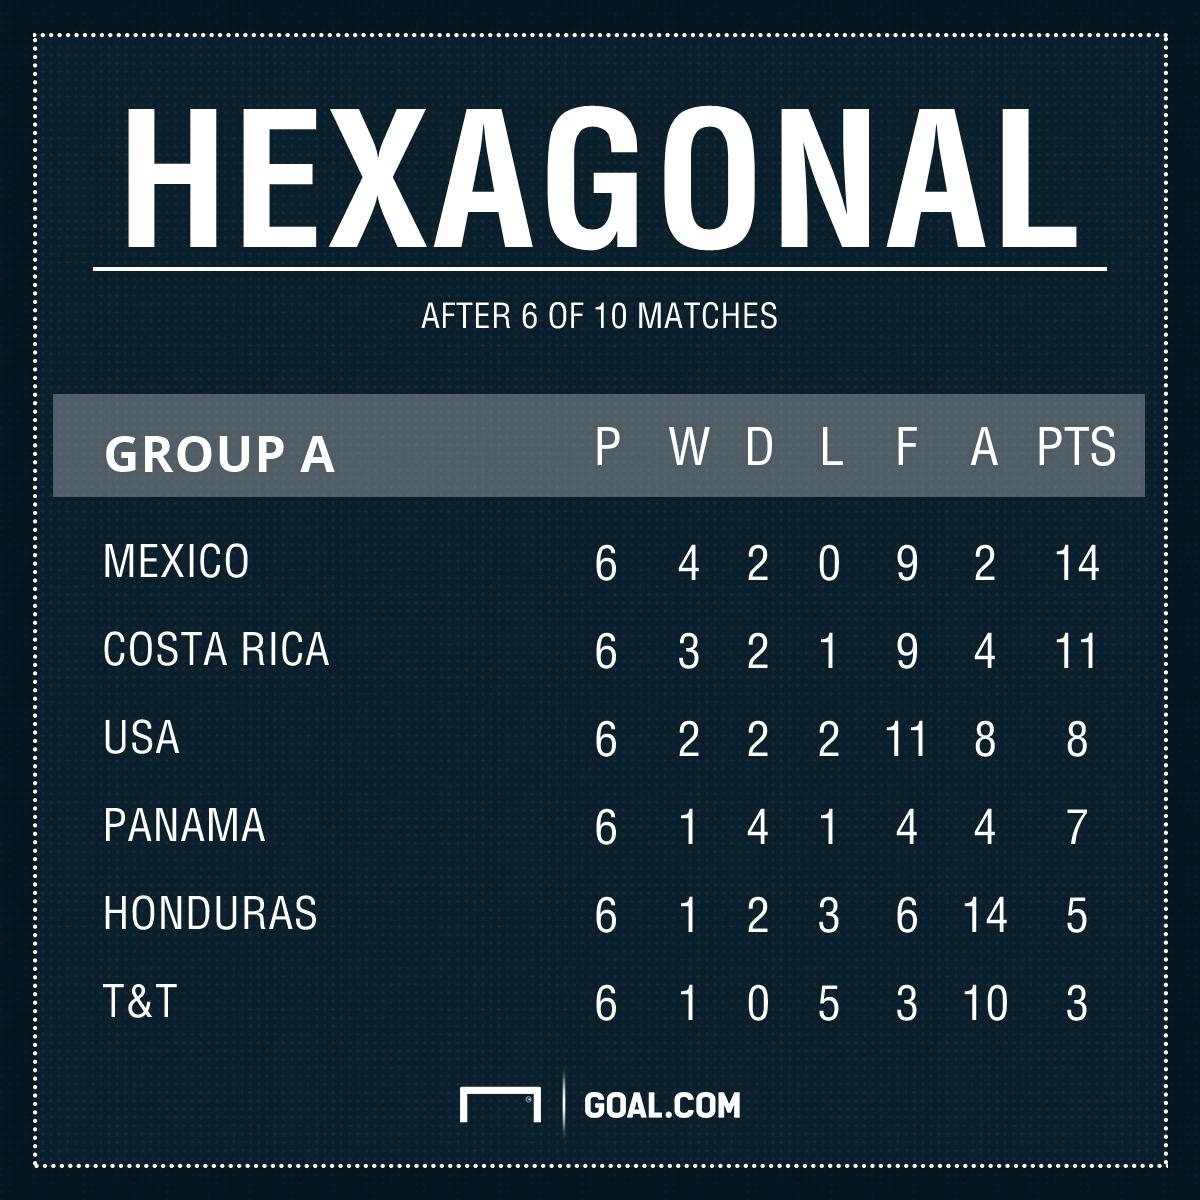 Hexagonal GFX